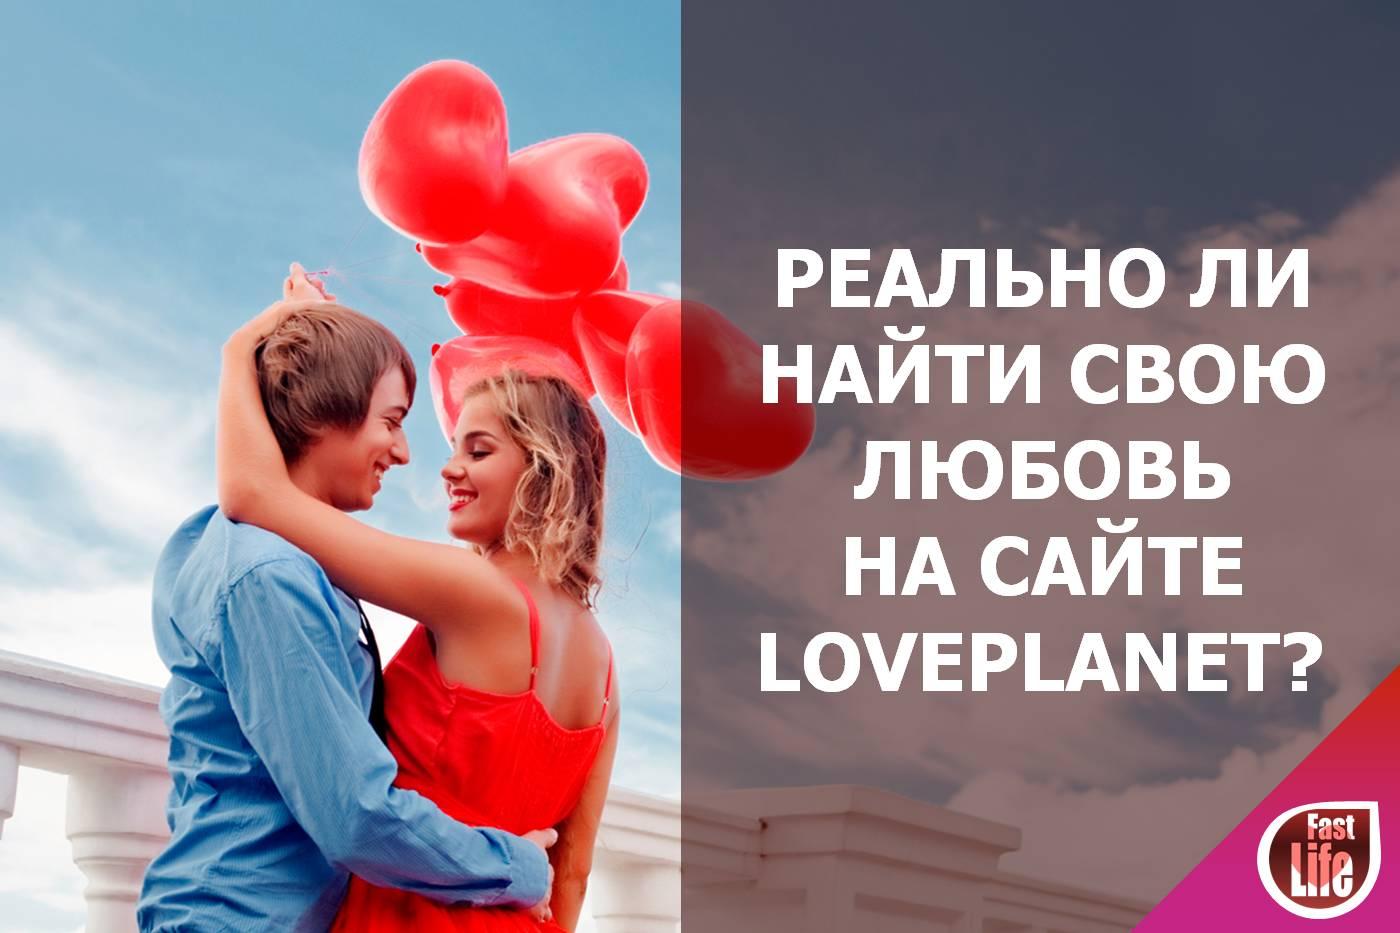 реально ли встретить любовь на сайтах знакомств